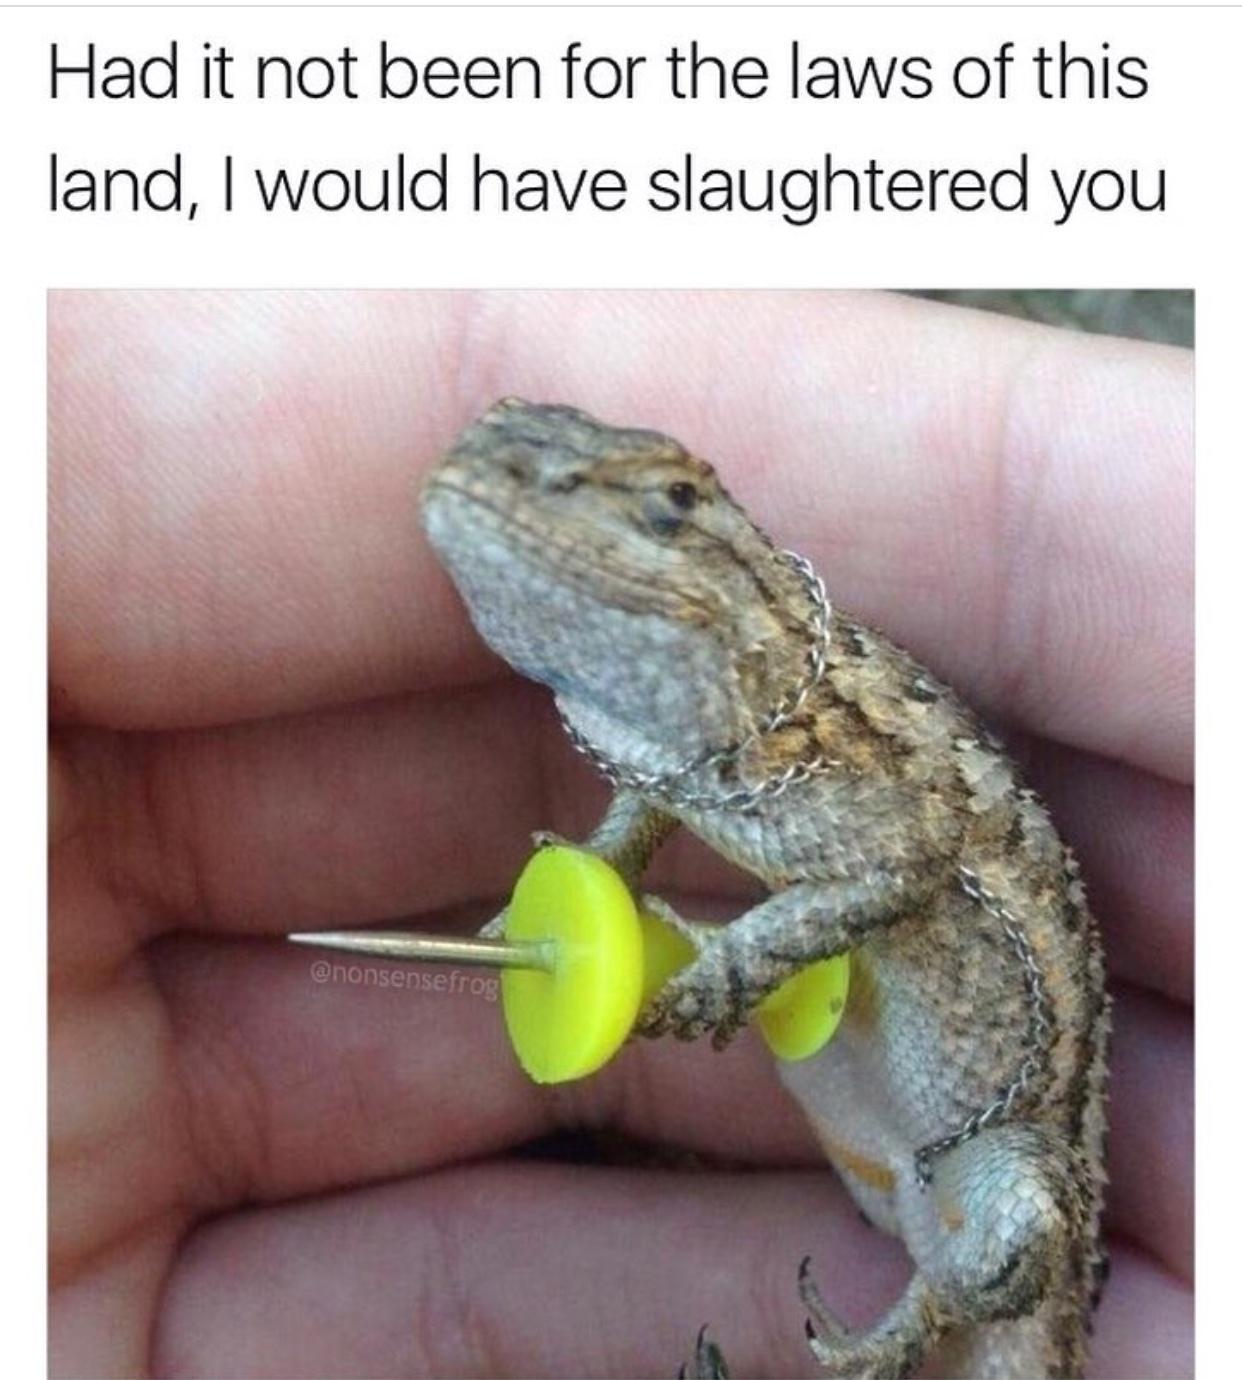 heh heh